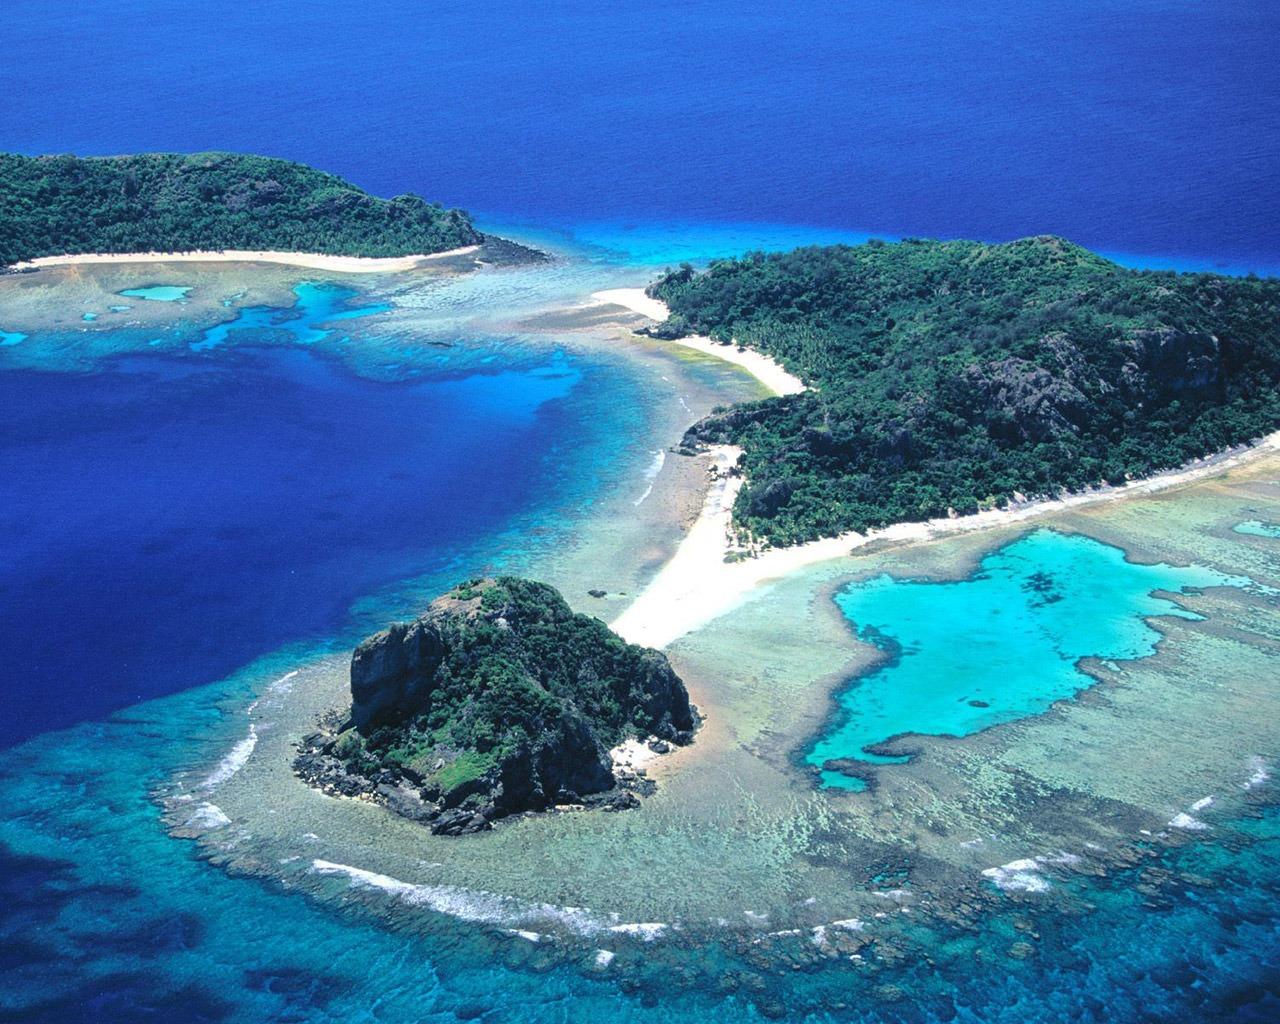 No1 amazing things fiji islands oceania - Fiji hd wallpaper ...